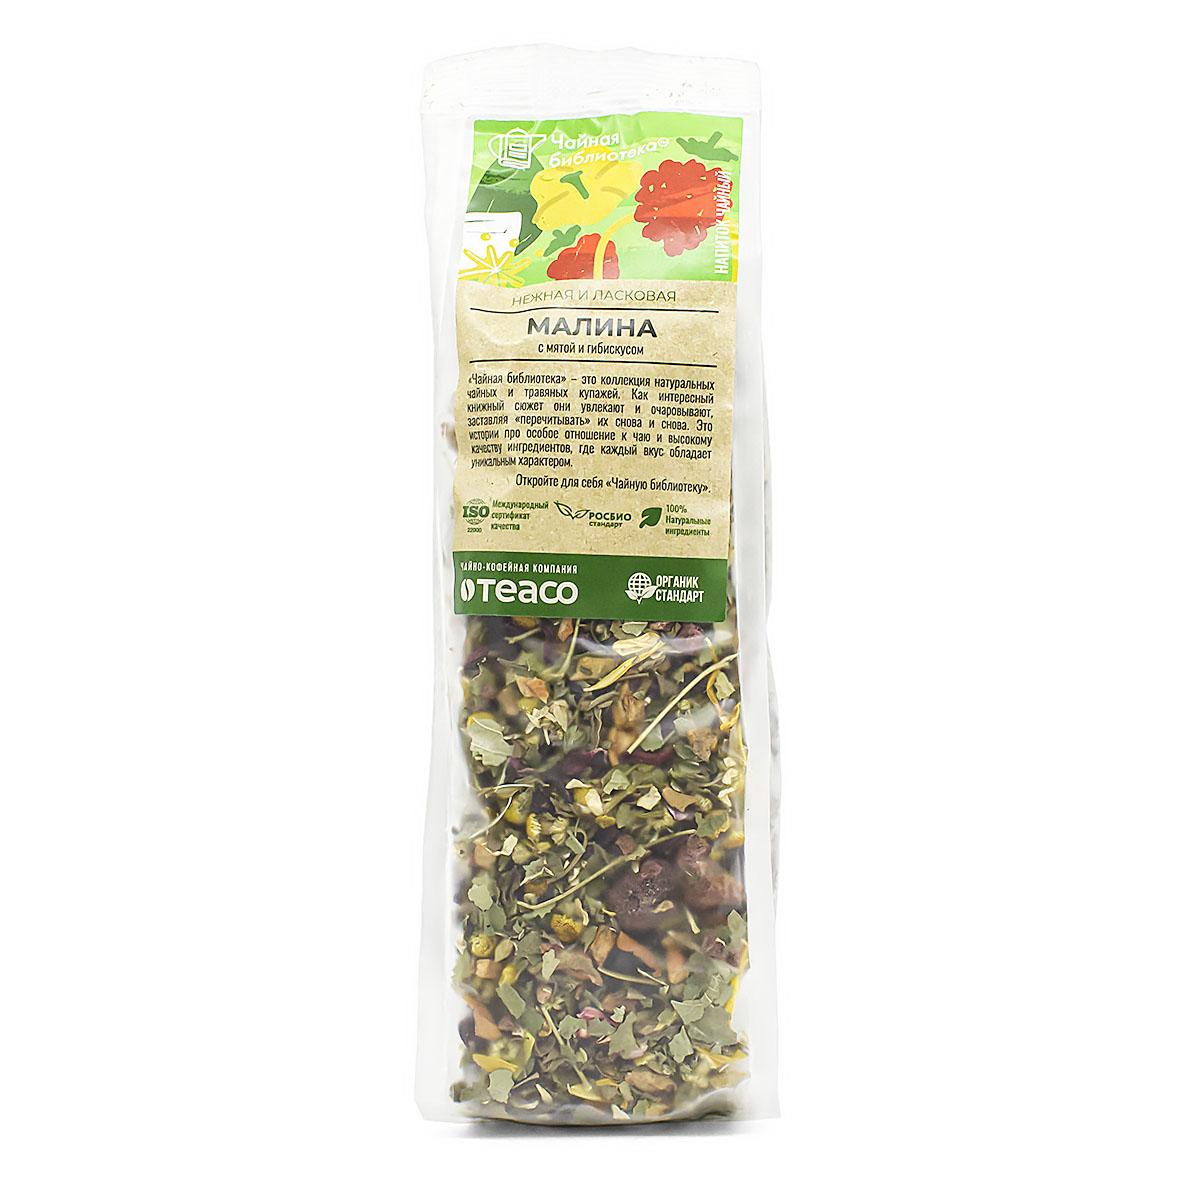 Чай фруктовый Малина с мятой и гибискусом, 100 г наушники technics rp dh1250e s